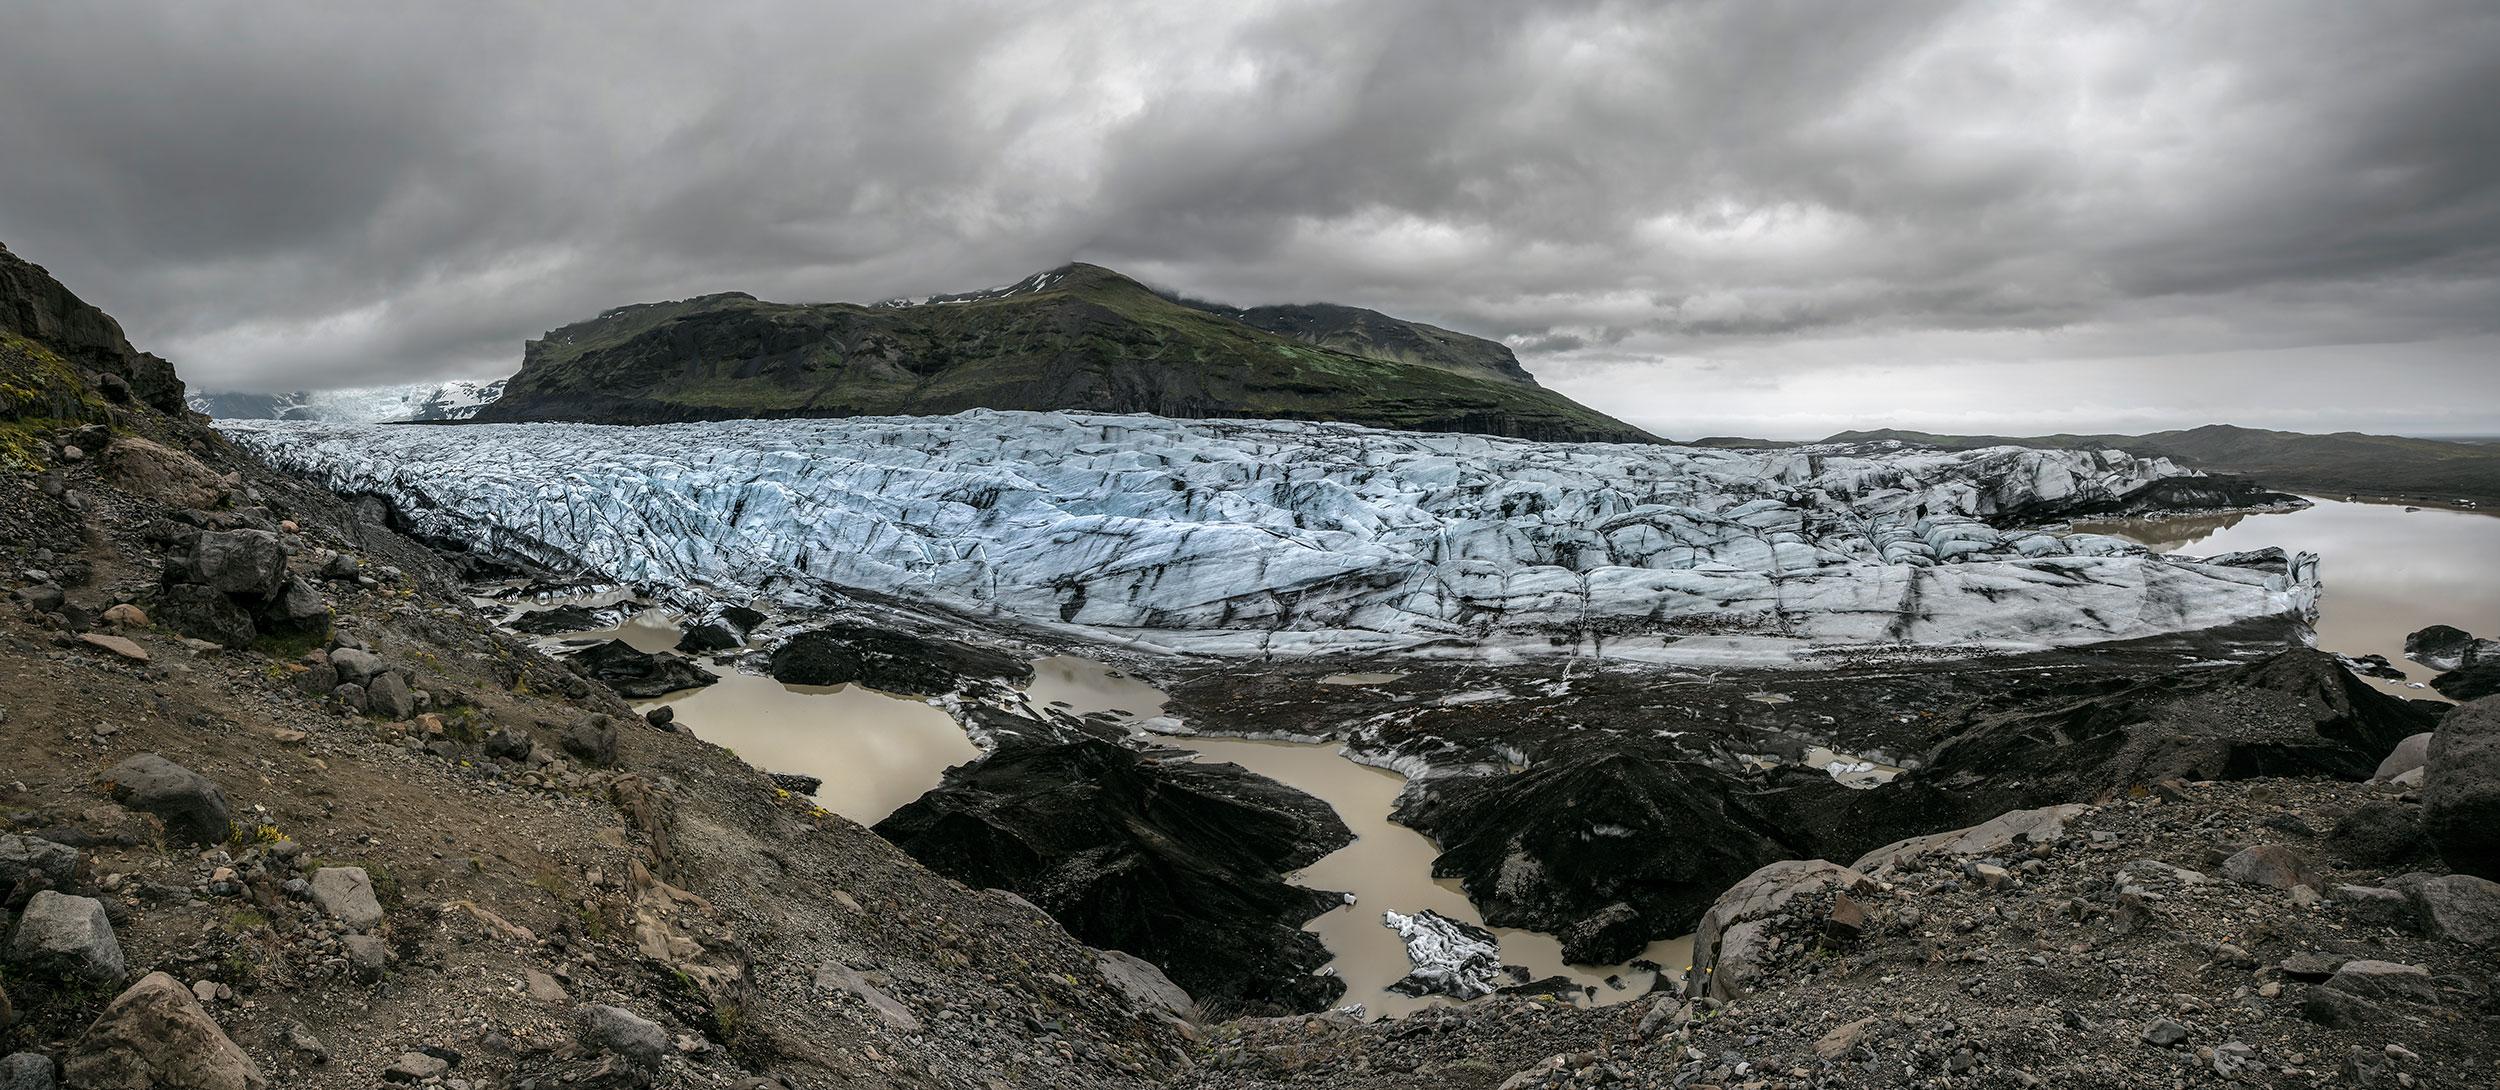 Svinafellsjokull, Iceland